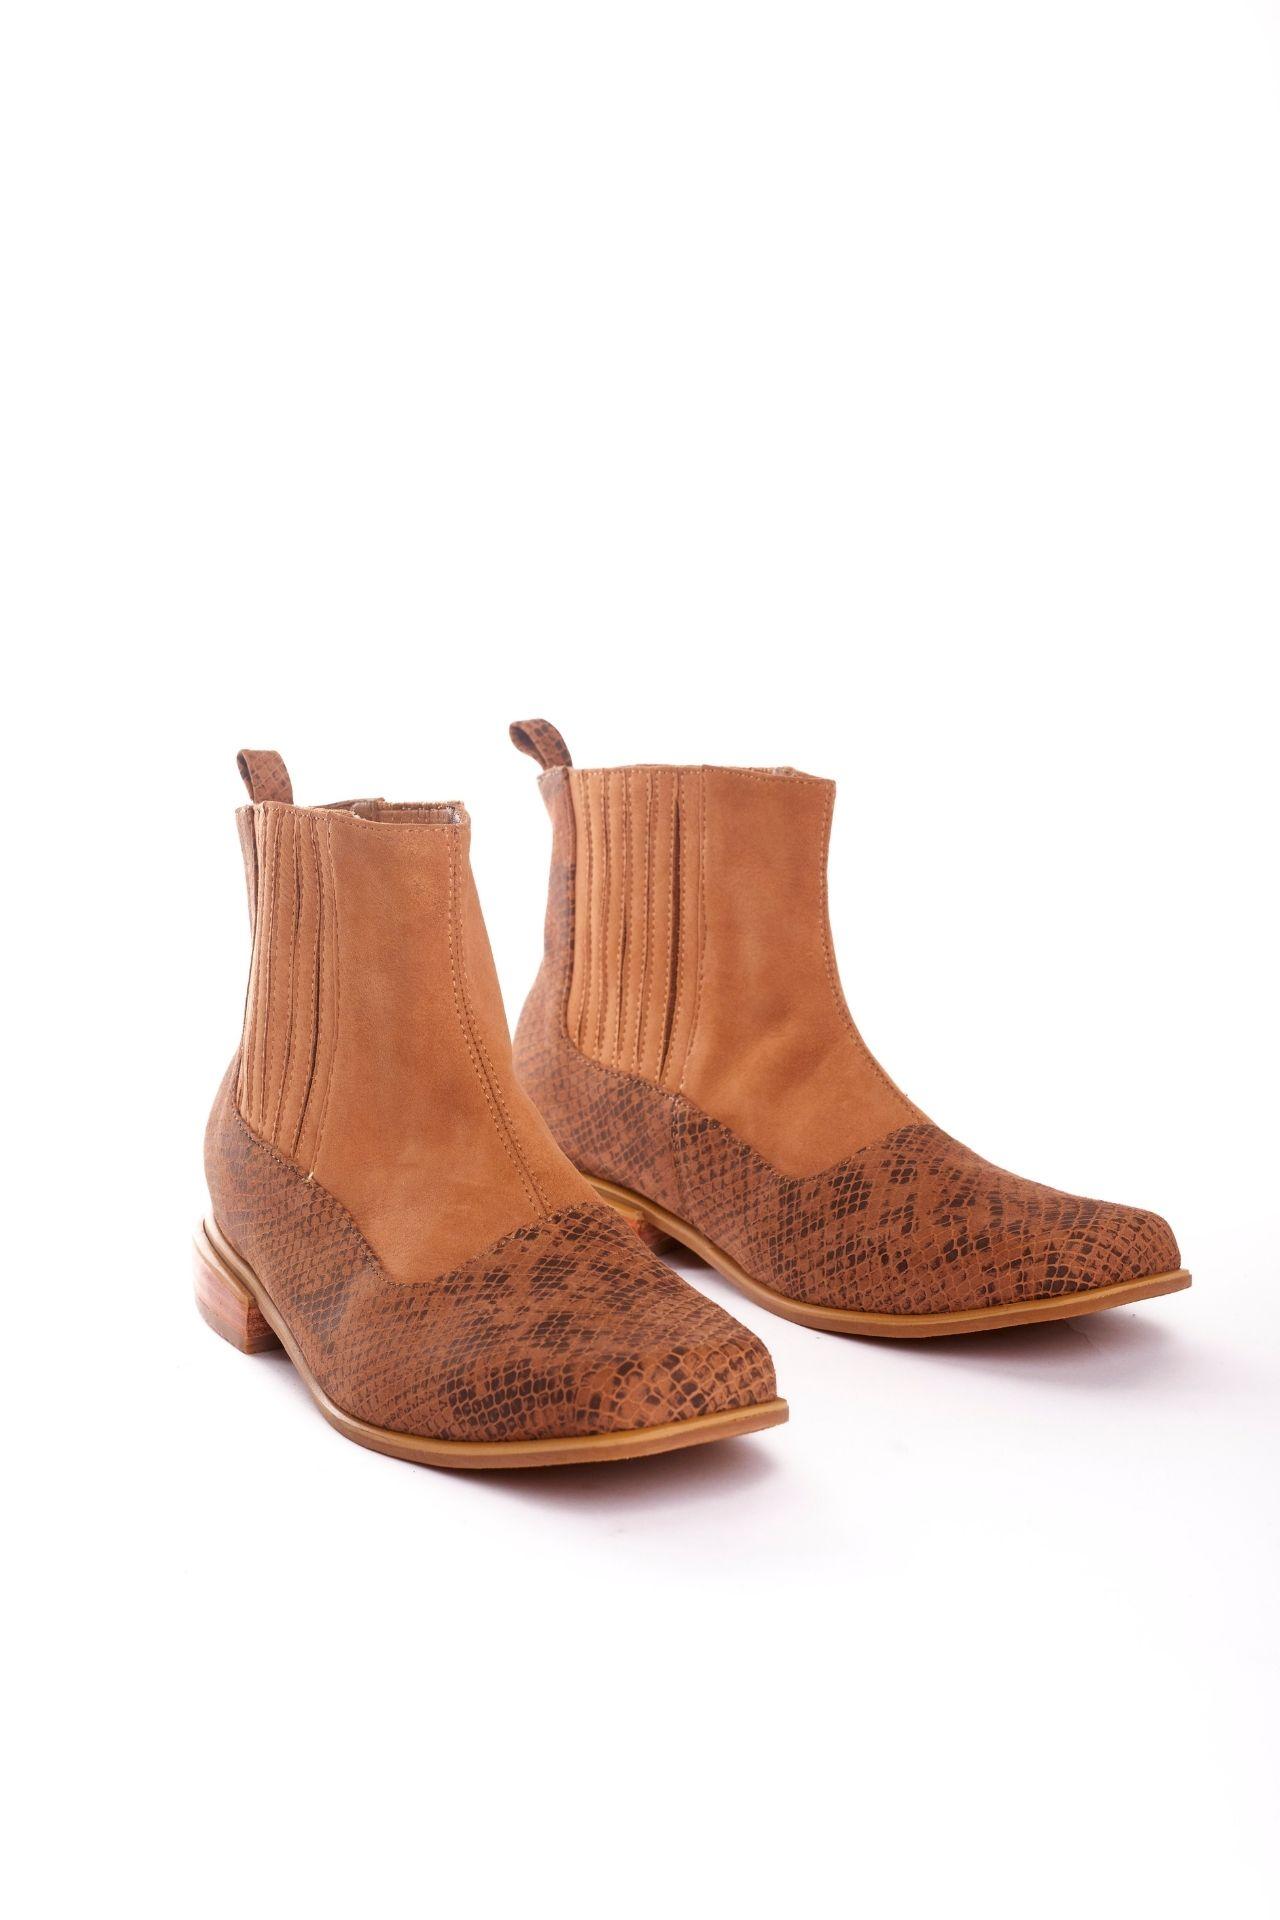 Tiempo de entrega: 7 días  Botines cortos de cuero camel con cuero pitón  CAPELLADA: CUERO NATURAL / FORRO: BADANA NATURAL